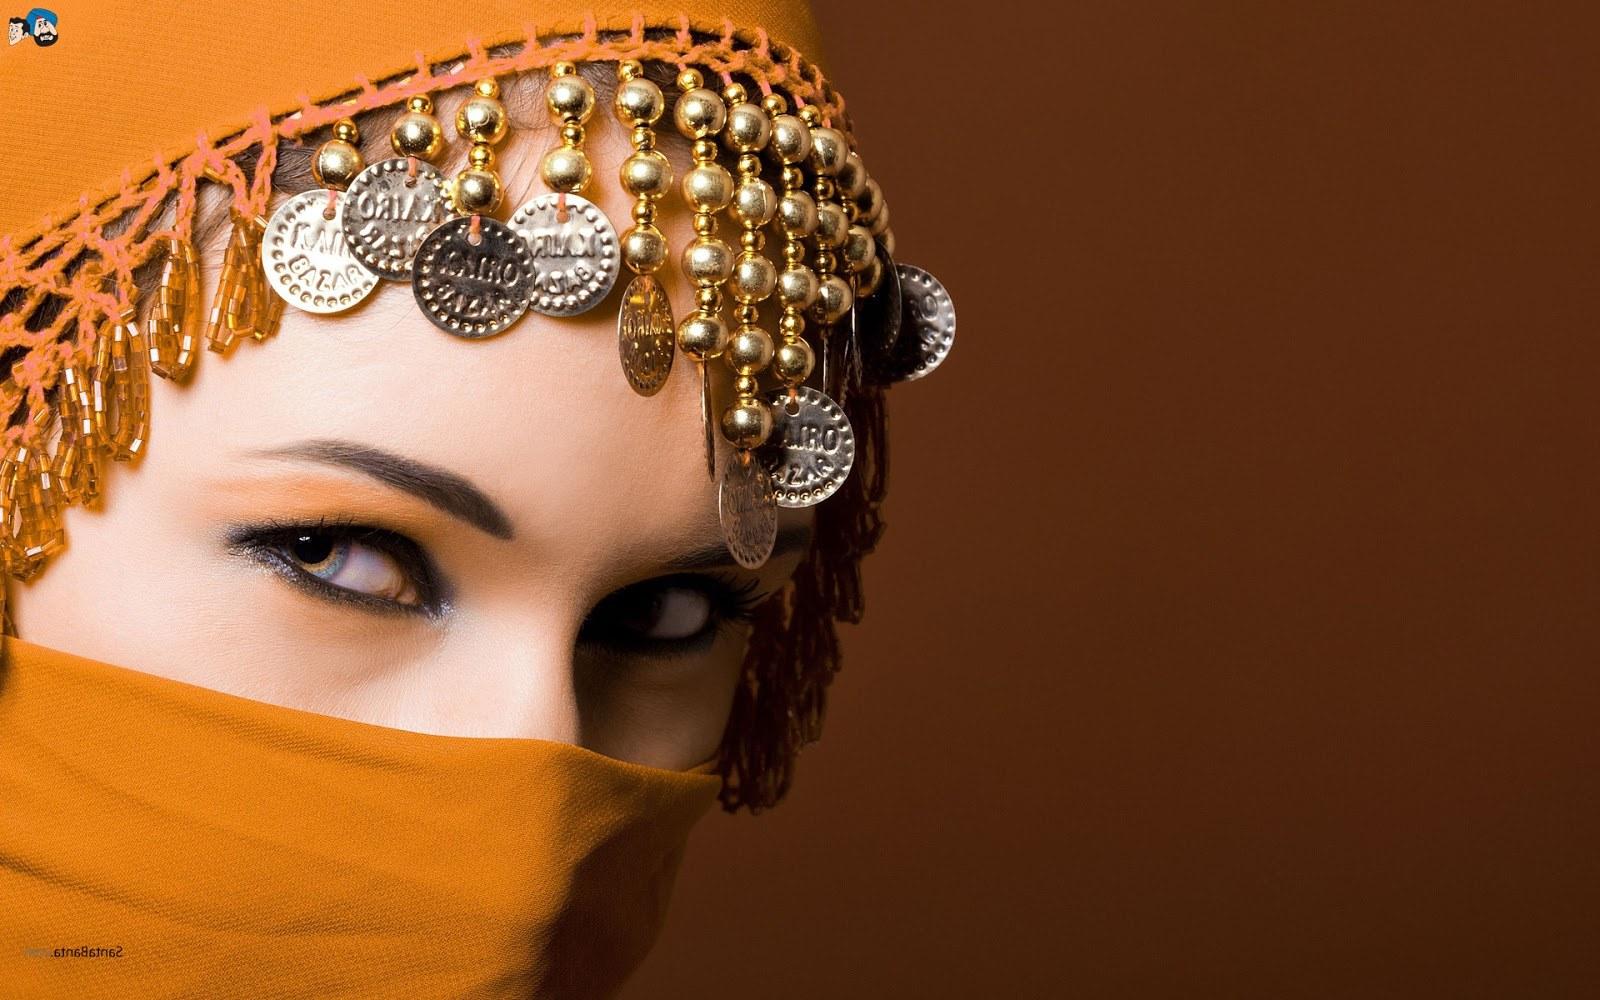 Ide Muslimah Bercadar S1du Koleksi Wallpaper Wanita Muslimah Bercadar Fauzi Blog